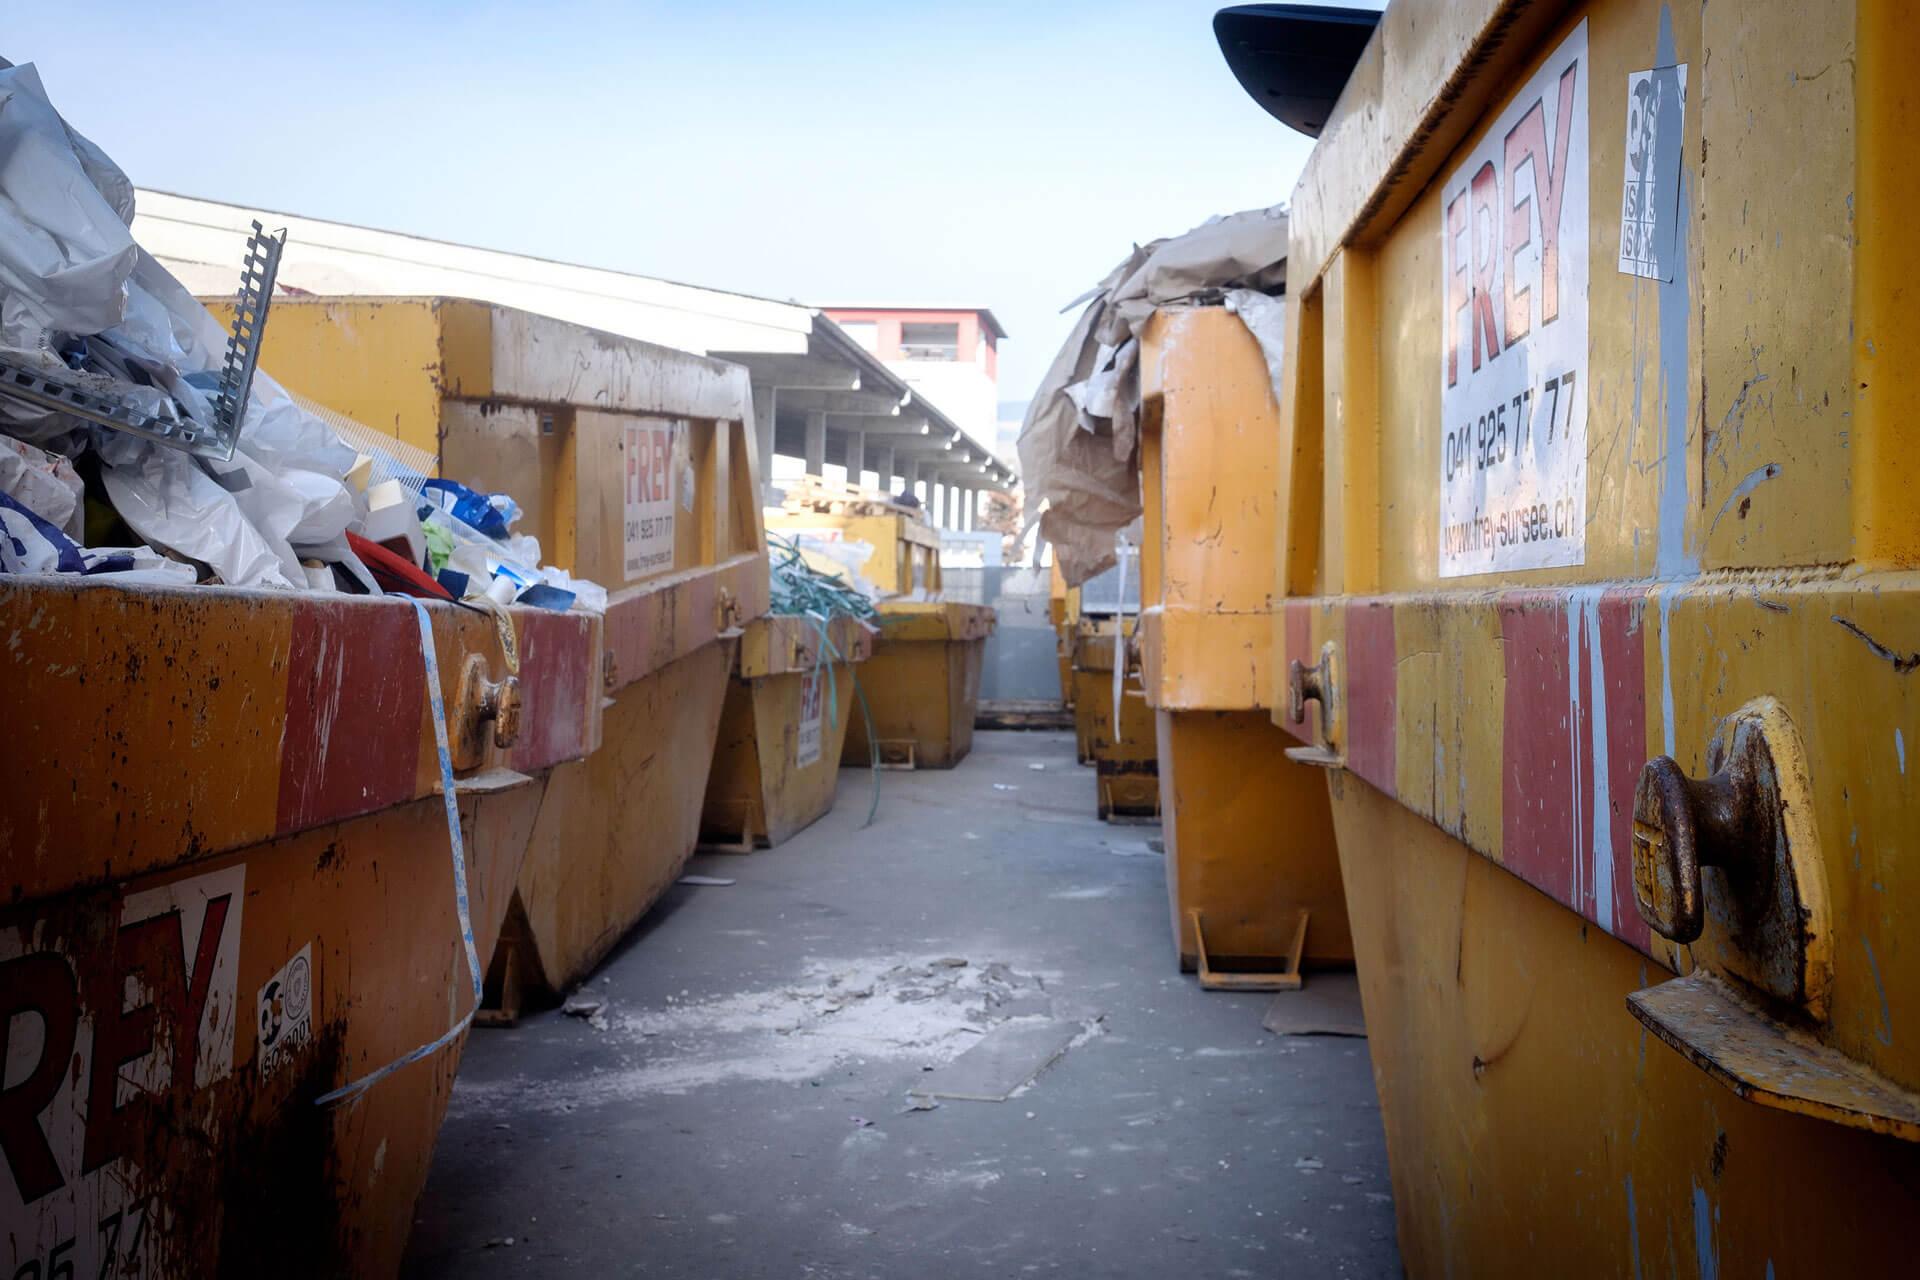 Gelbe Mulden gefüllt mit verschiedenen Recycling-Abfällen.